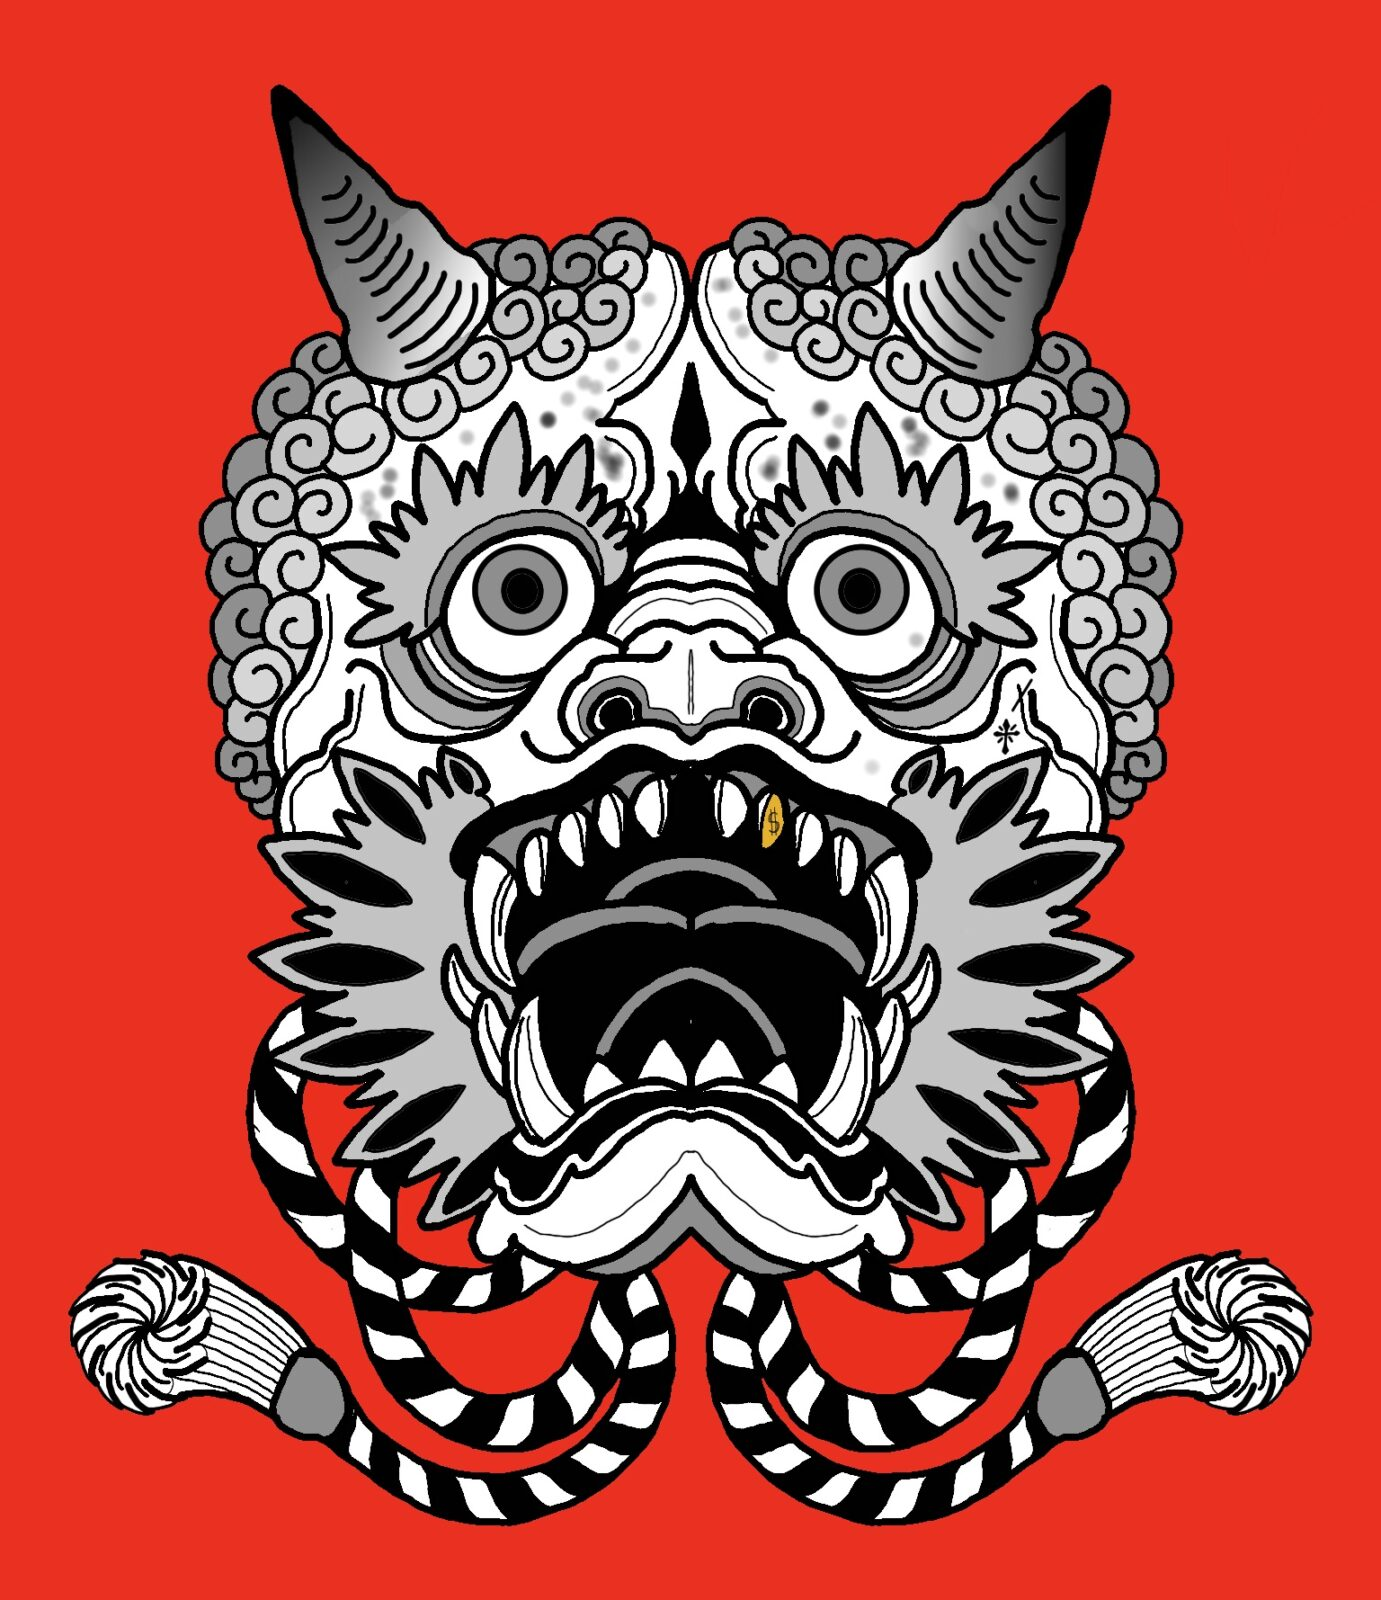 Oni Mask Tattoo Artist/Parlor in Tampa FL, Tabernacle tattoo